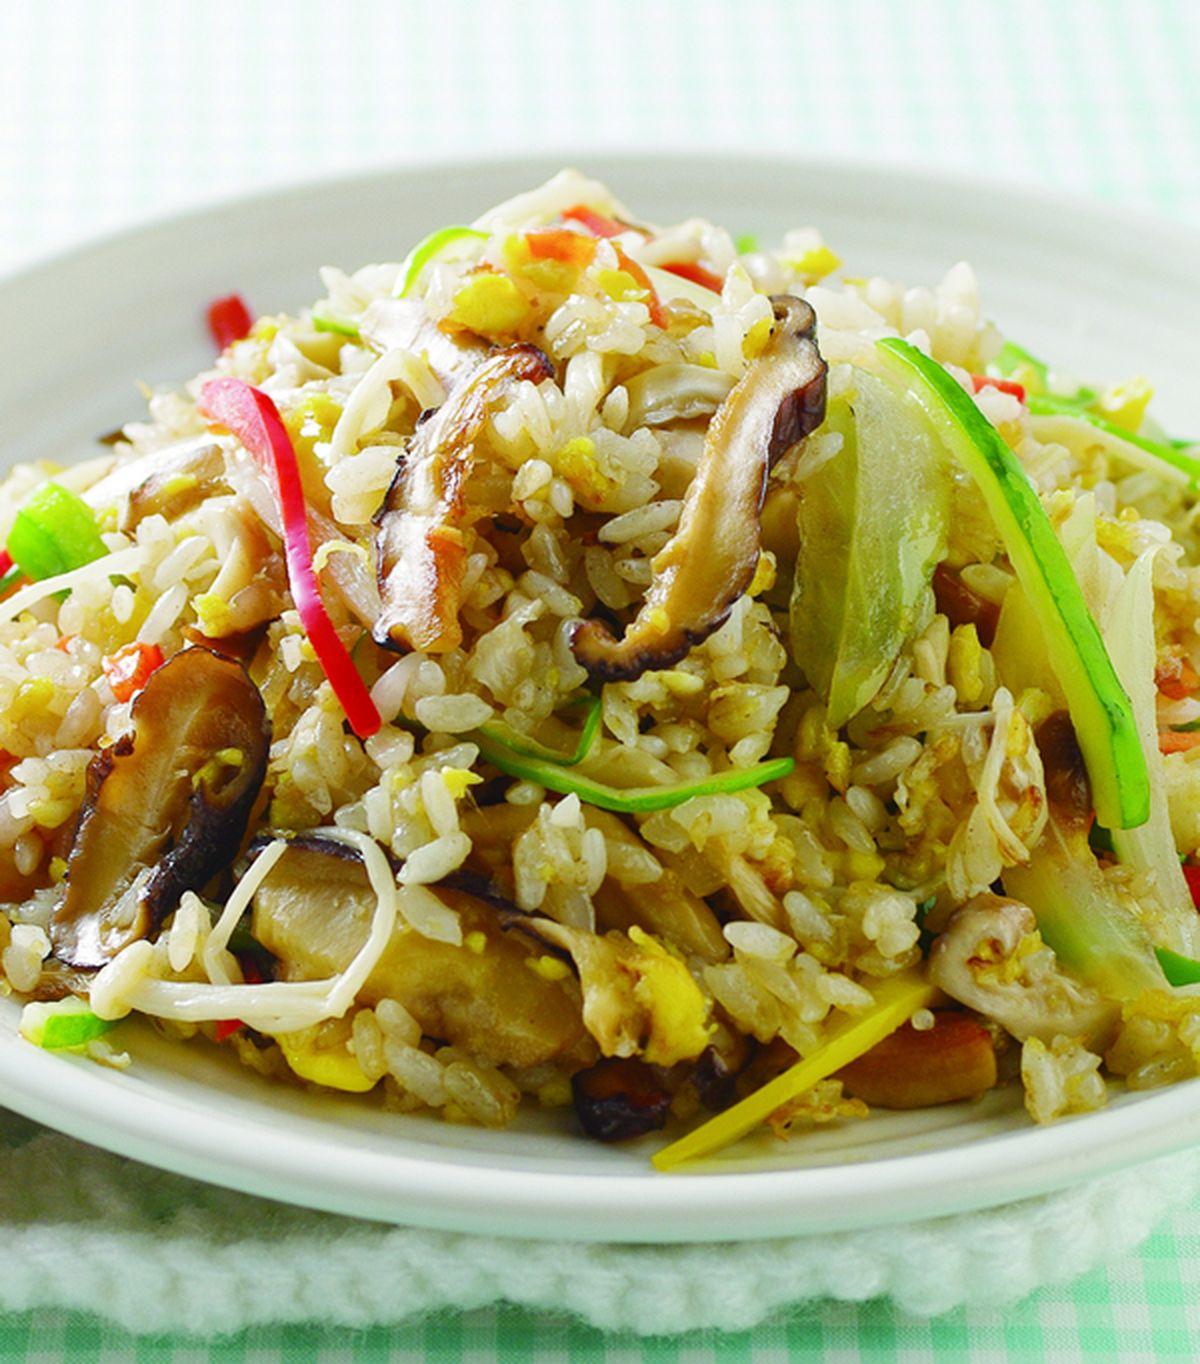 食譜:什錦菇炒飯(1)